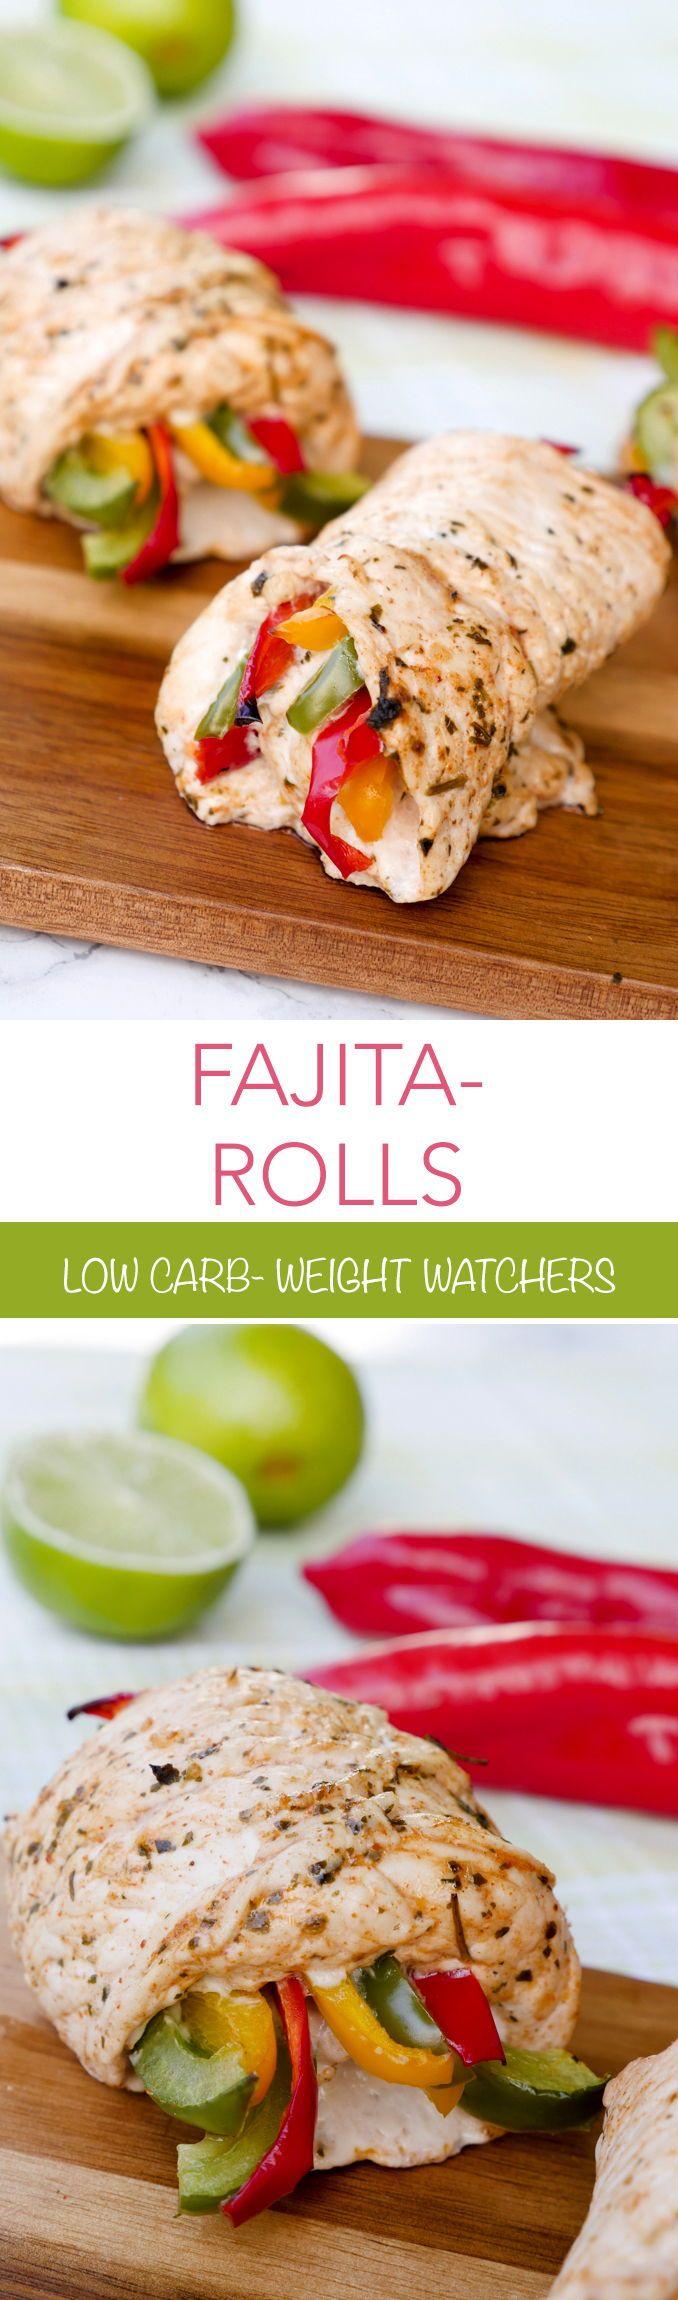 Schnelle Low Carb Hähnchen Fajita Röllchen #recipeforchickenfajitas